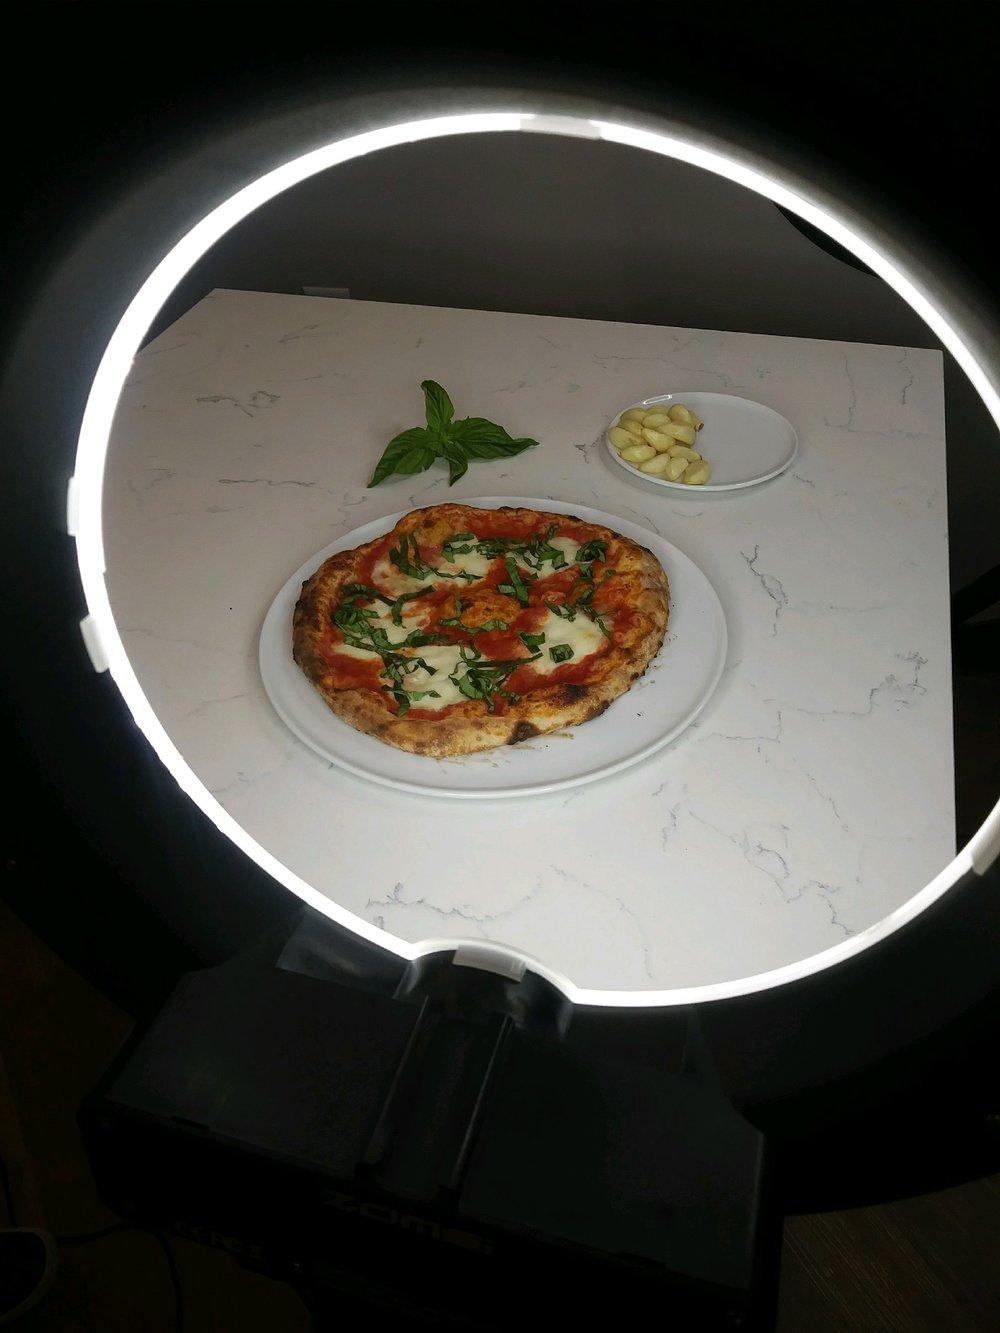 pizza geo - blvd 41 3.jpg